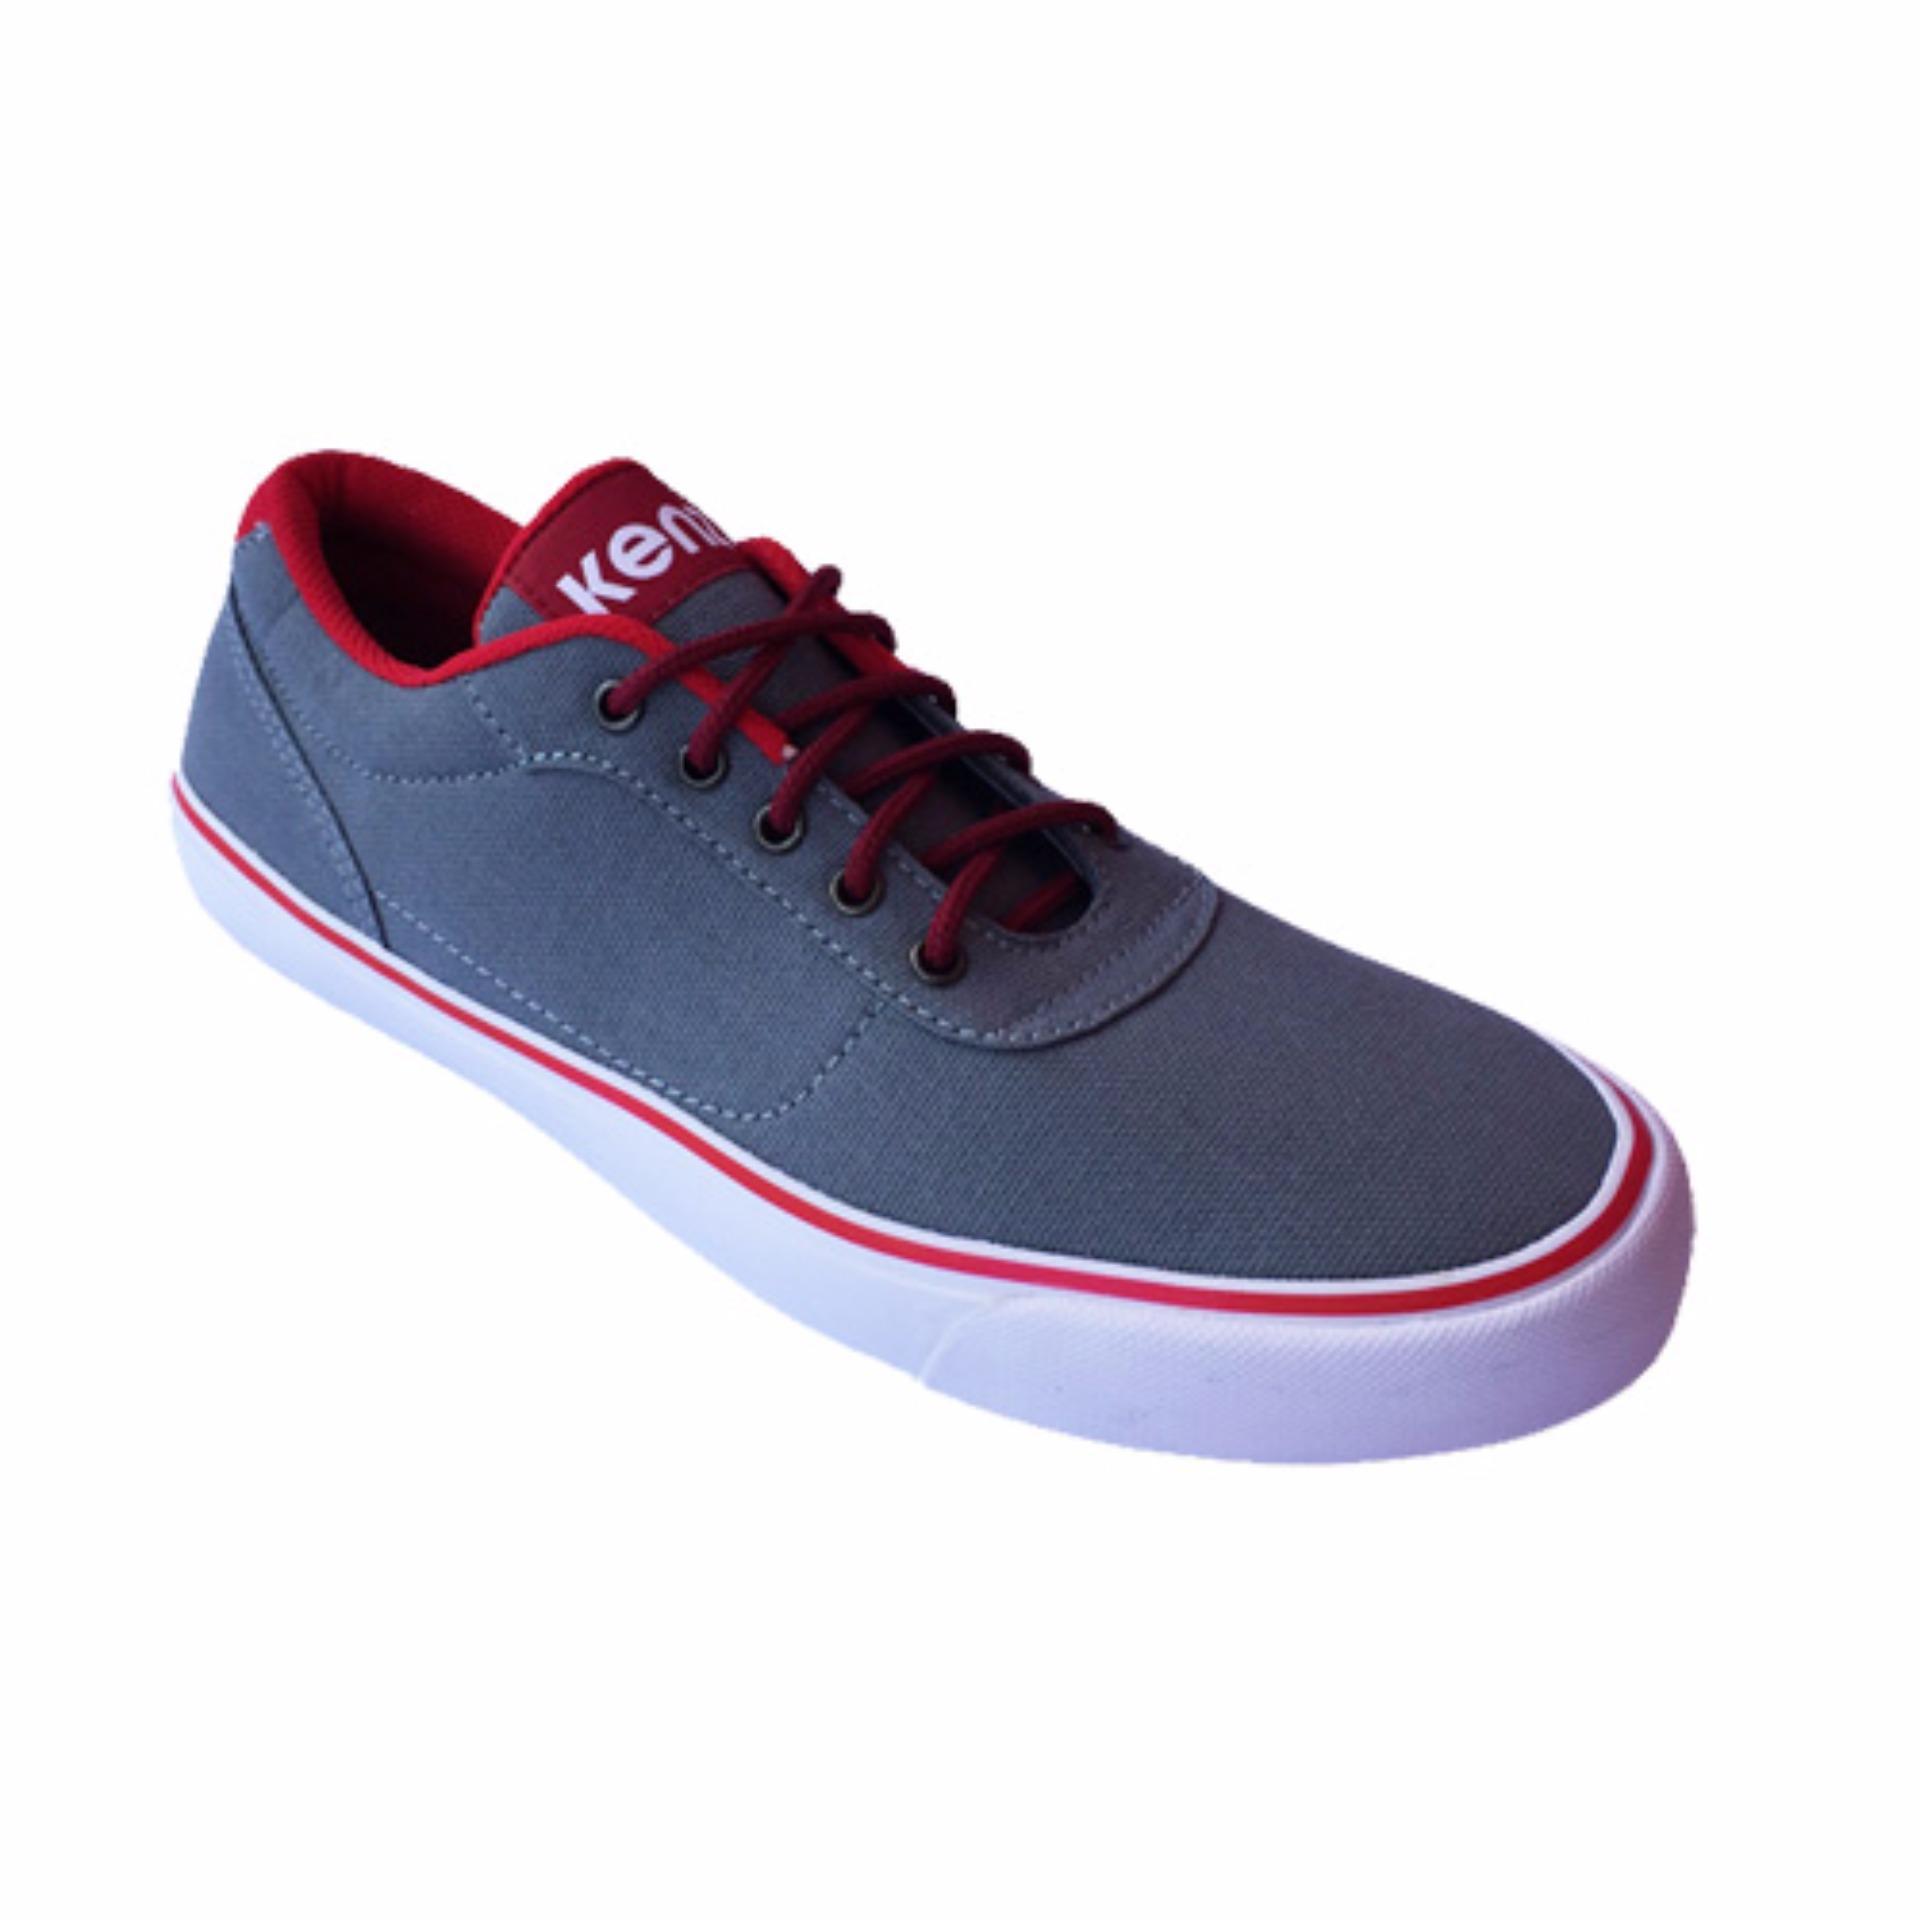 Beli Kenz Classic Sepatu Pria Sneakers Grey Red Online Murah